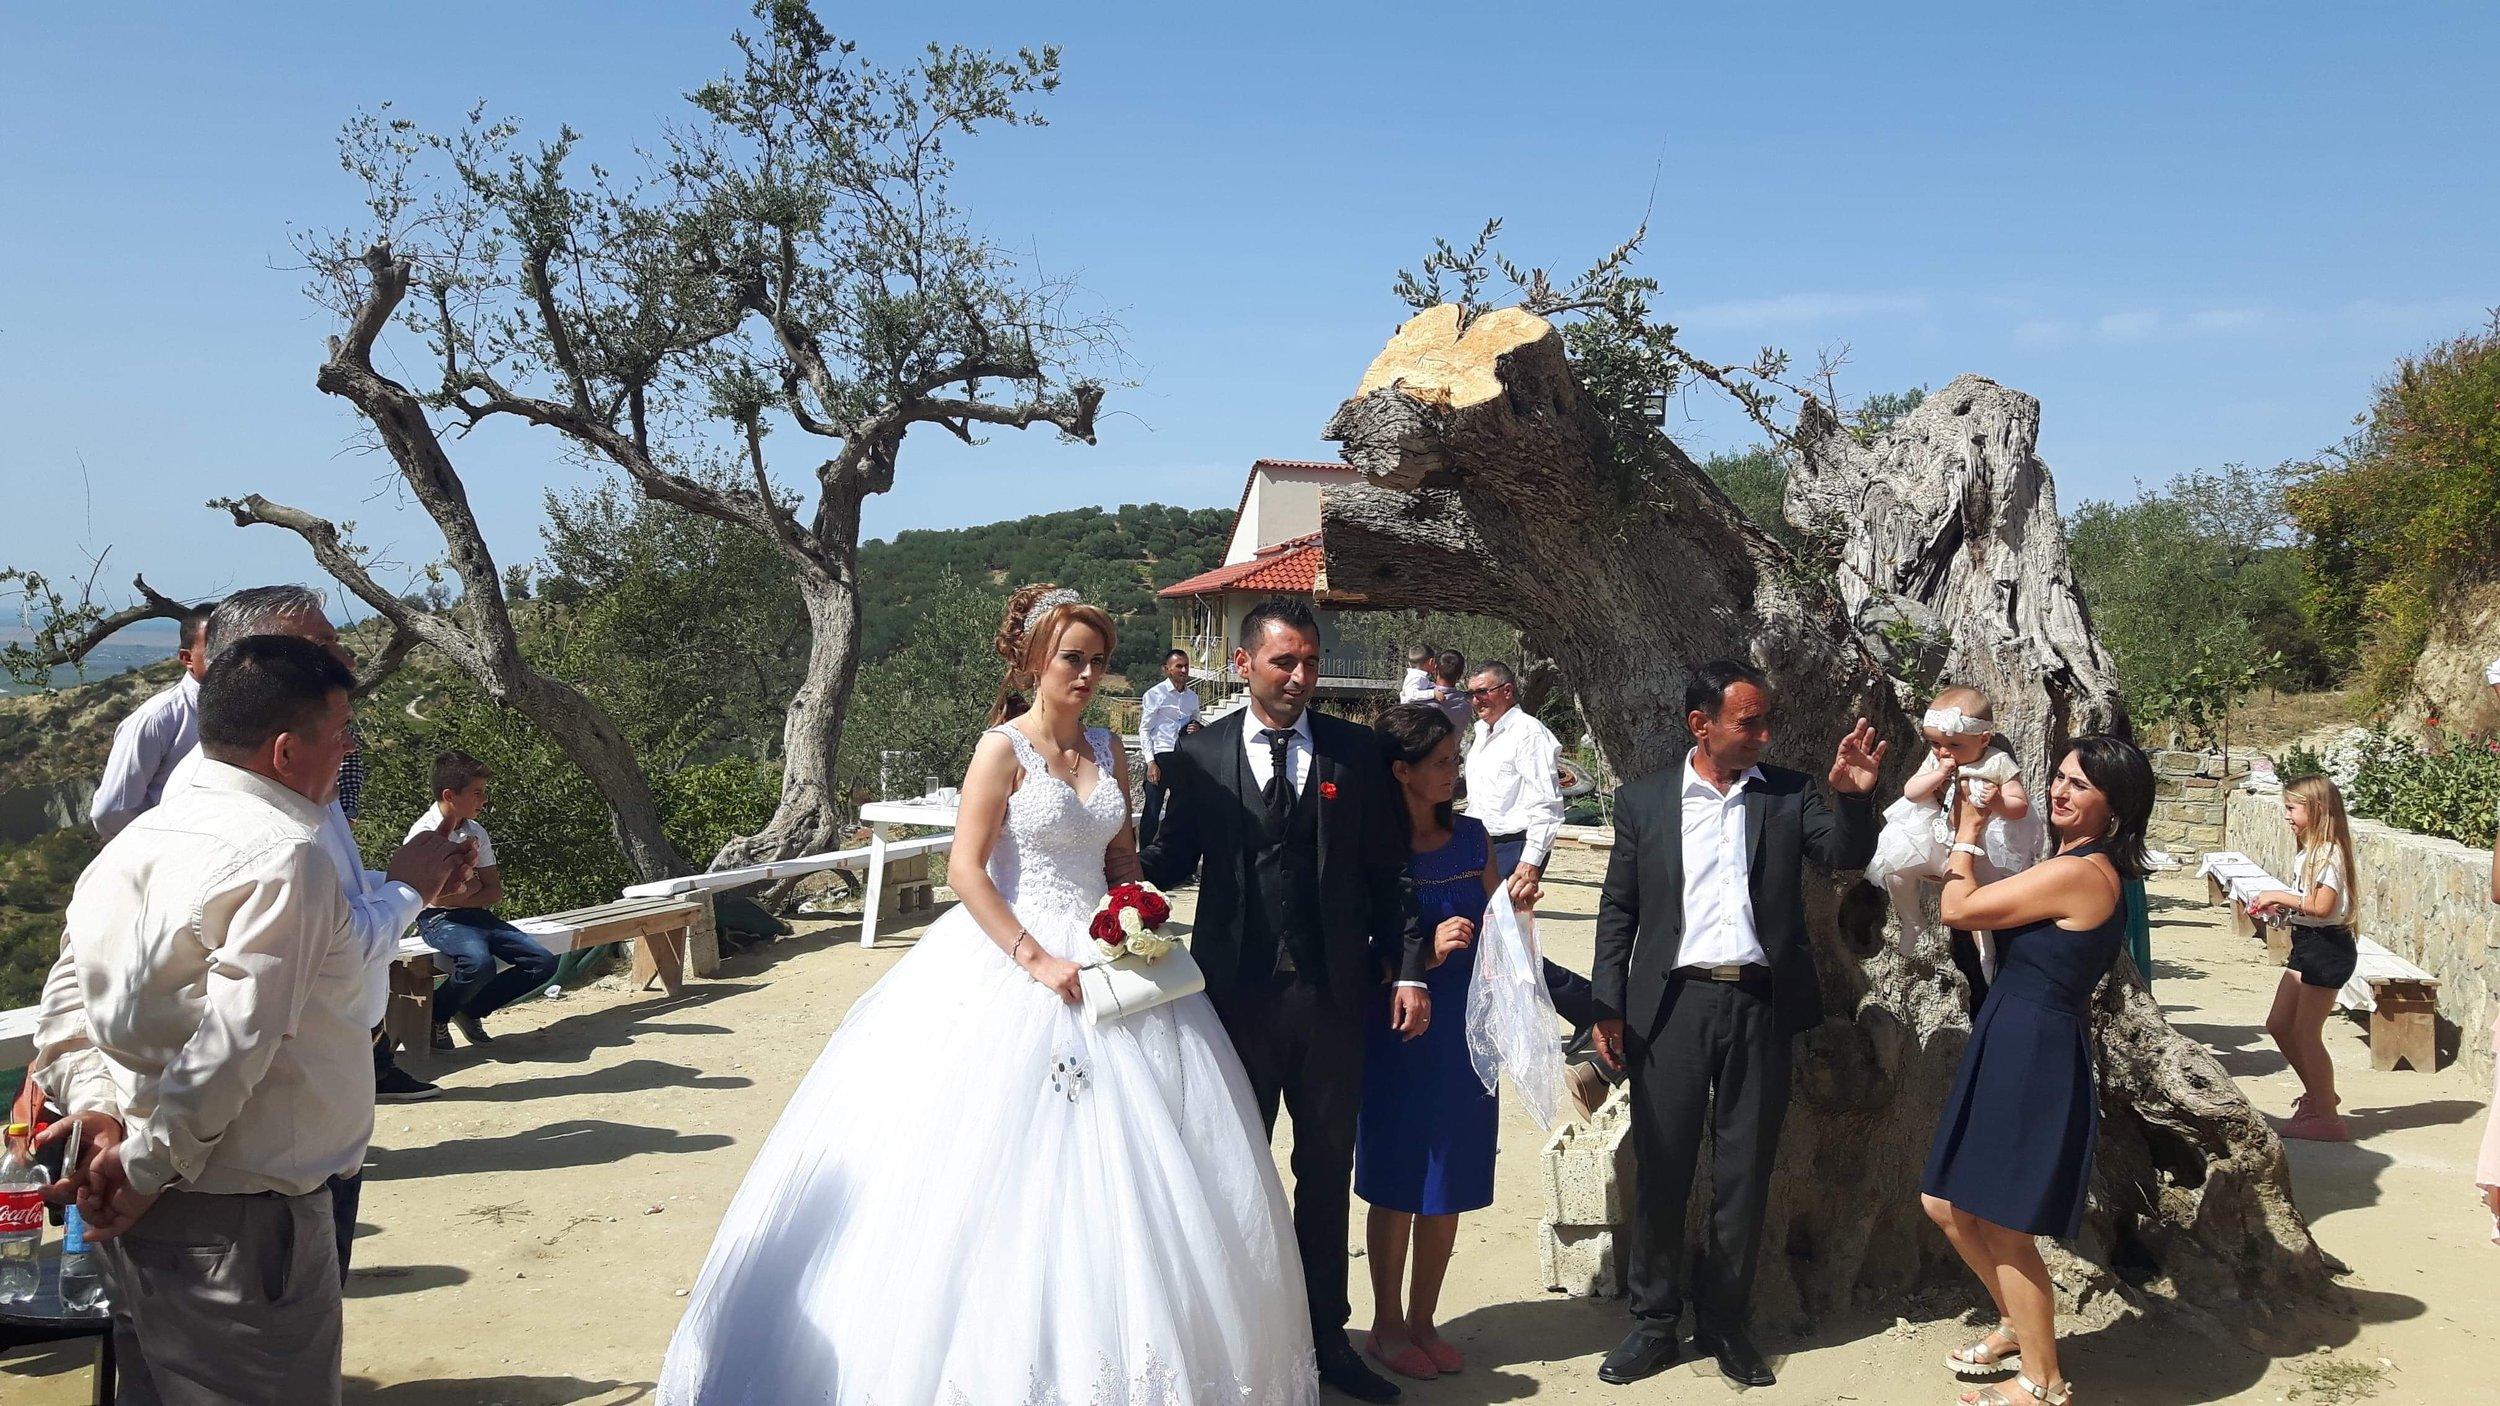 Morsiamella on Albaniassa näyttävät juhlamekot. Kuva: Allan Rannisto